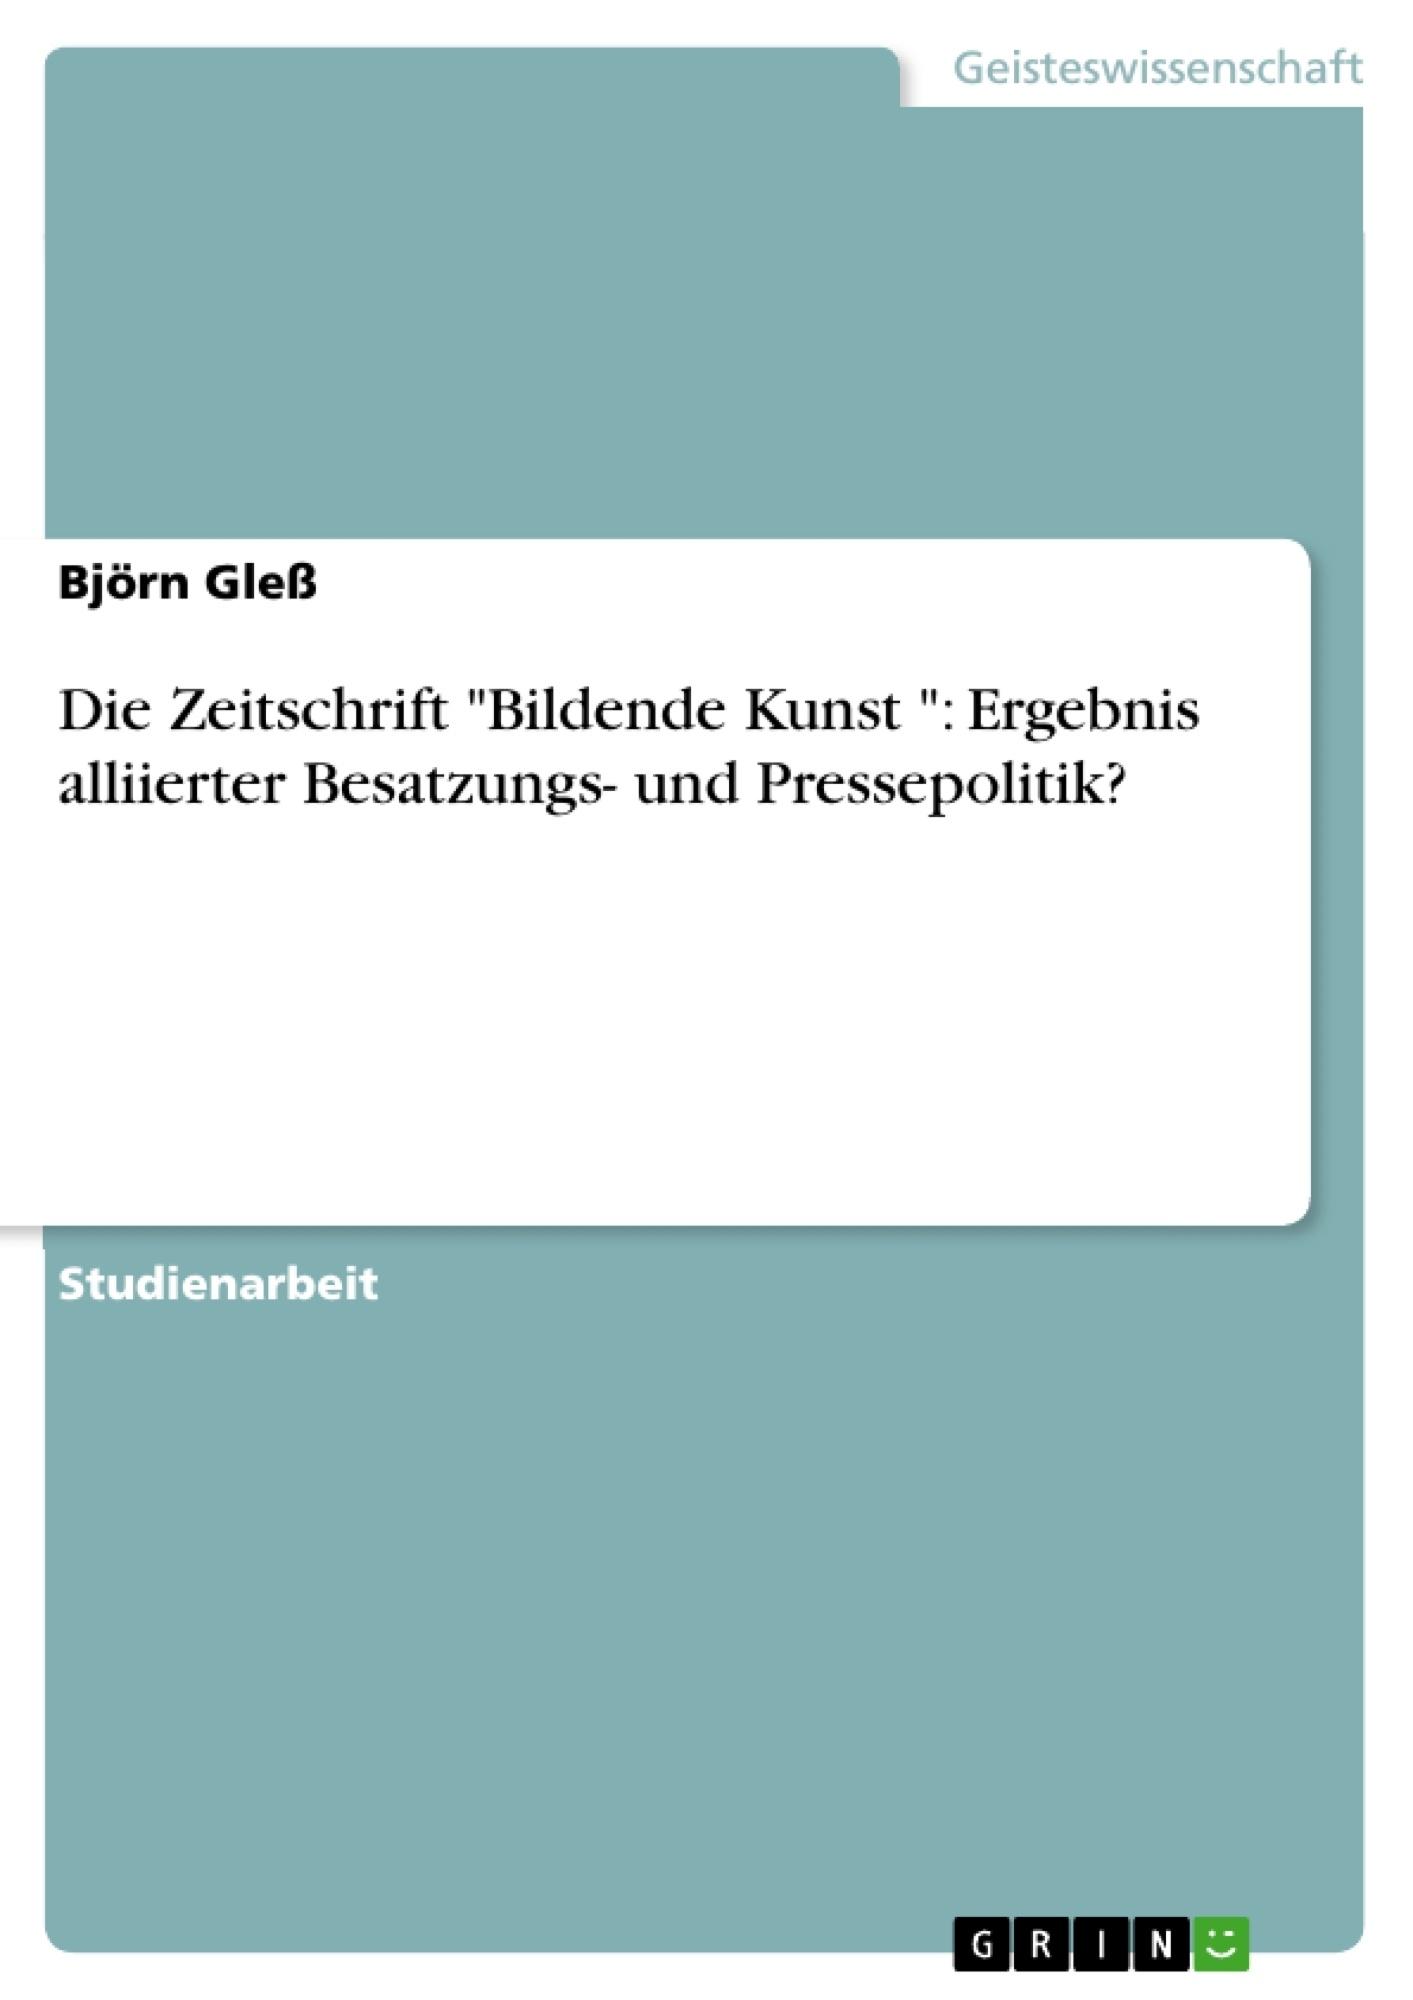 """Titel: Die Zeitschrift """"Bildende Kunst """": Ergebnis alliierter Besatzungs- und Pressepolitik?"""